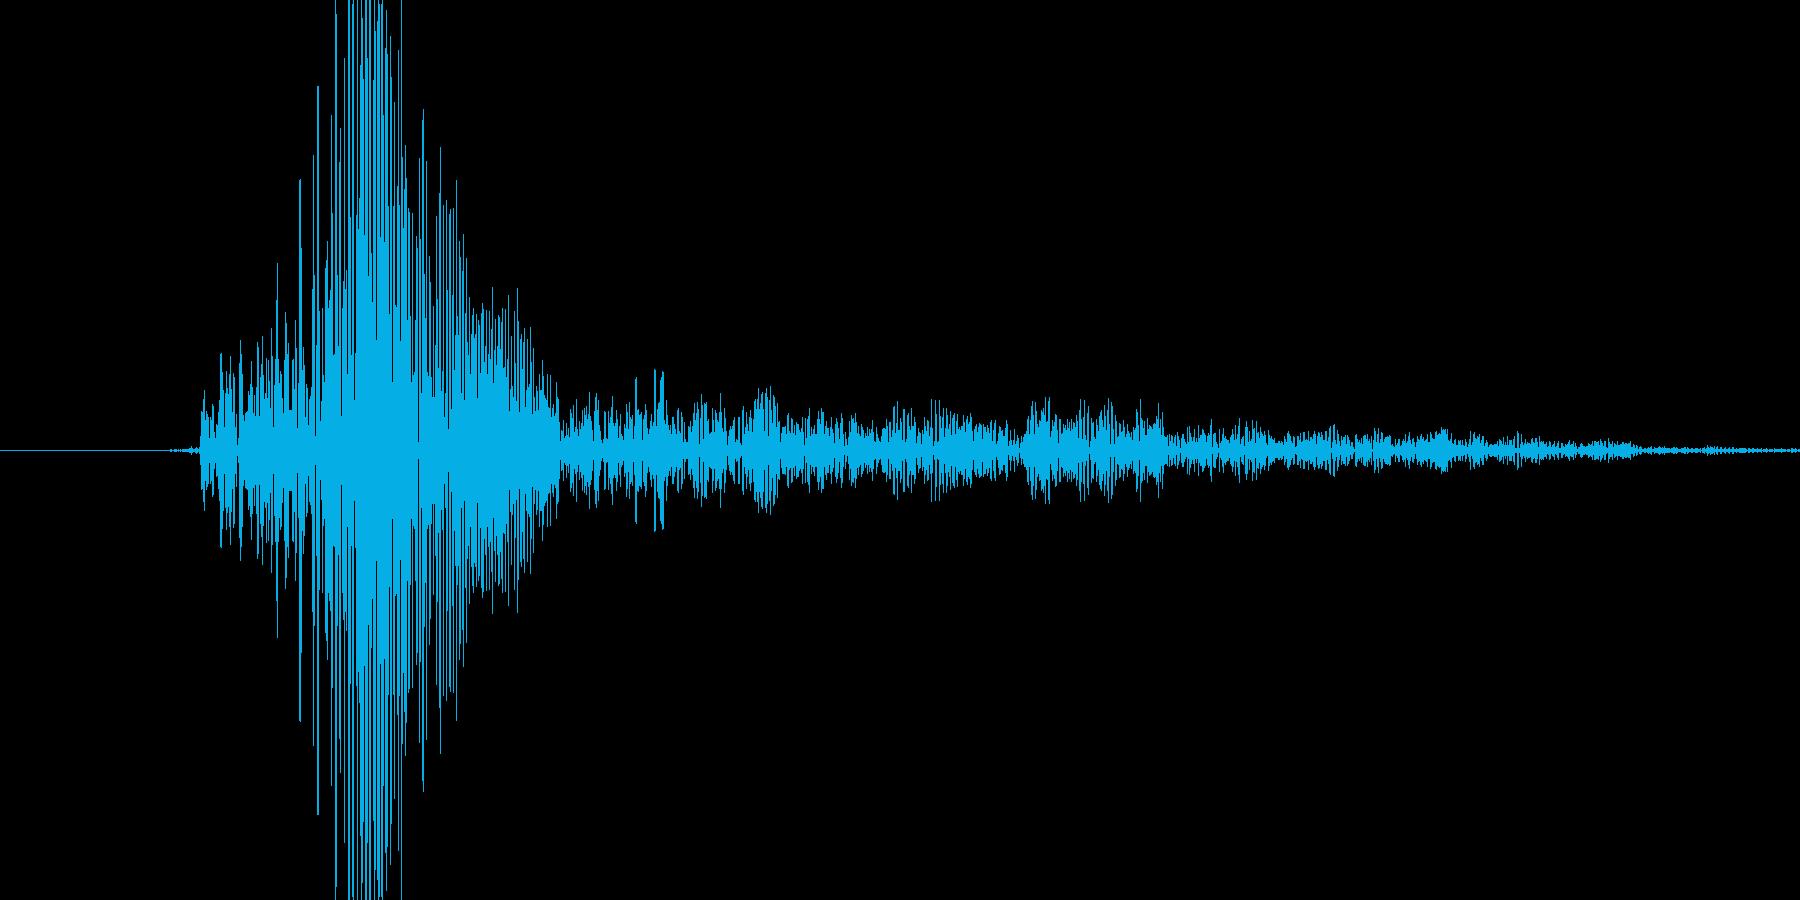 フワッ!というシステム音の再生済みの波形